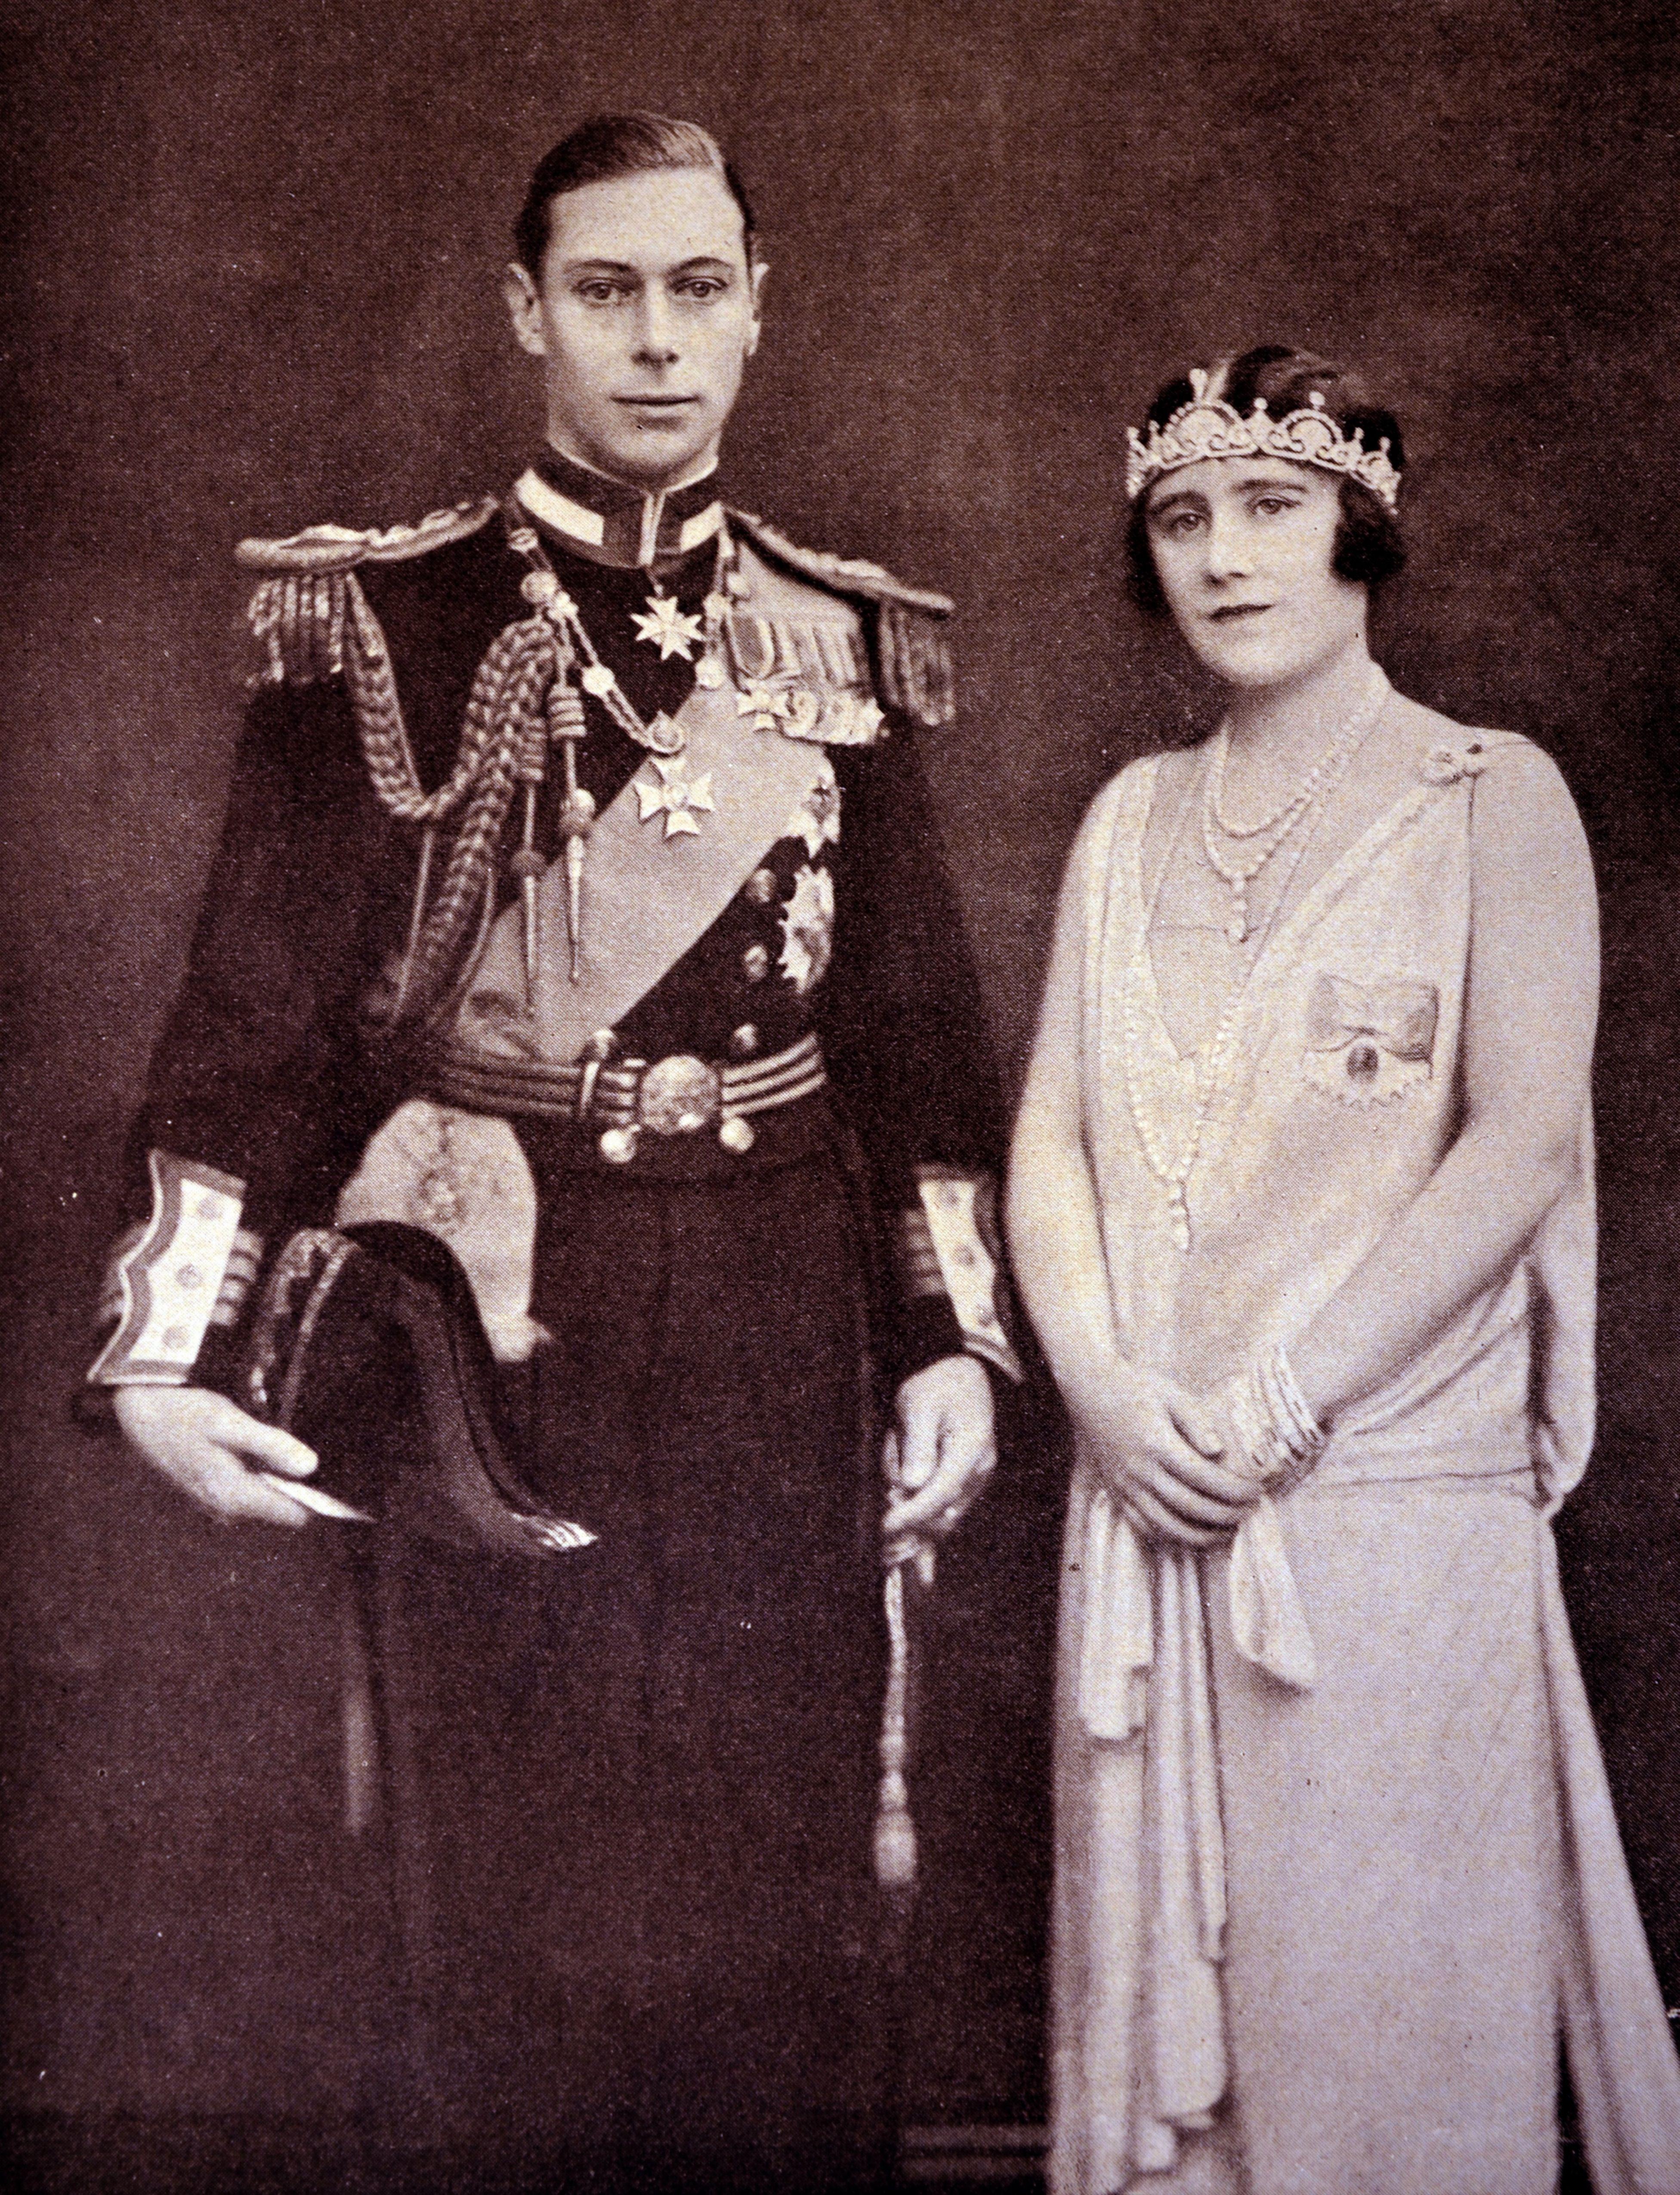 Queen Elizabeth The Queen Mother With The Lotus Flower Tiara In